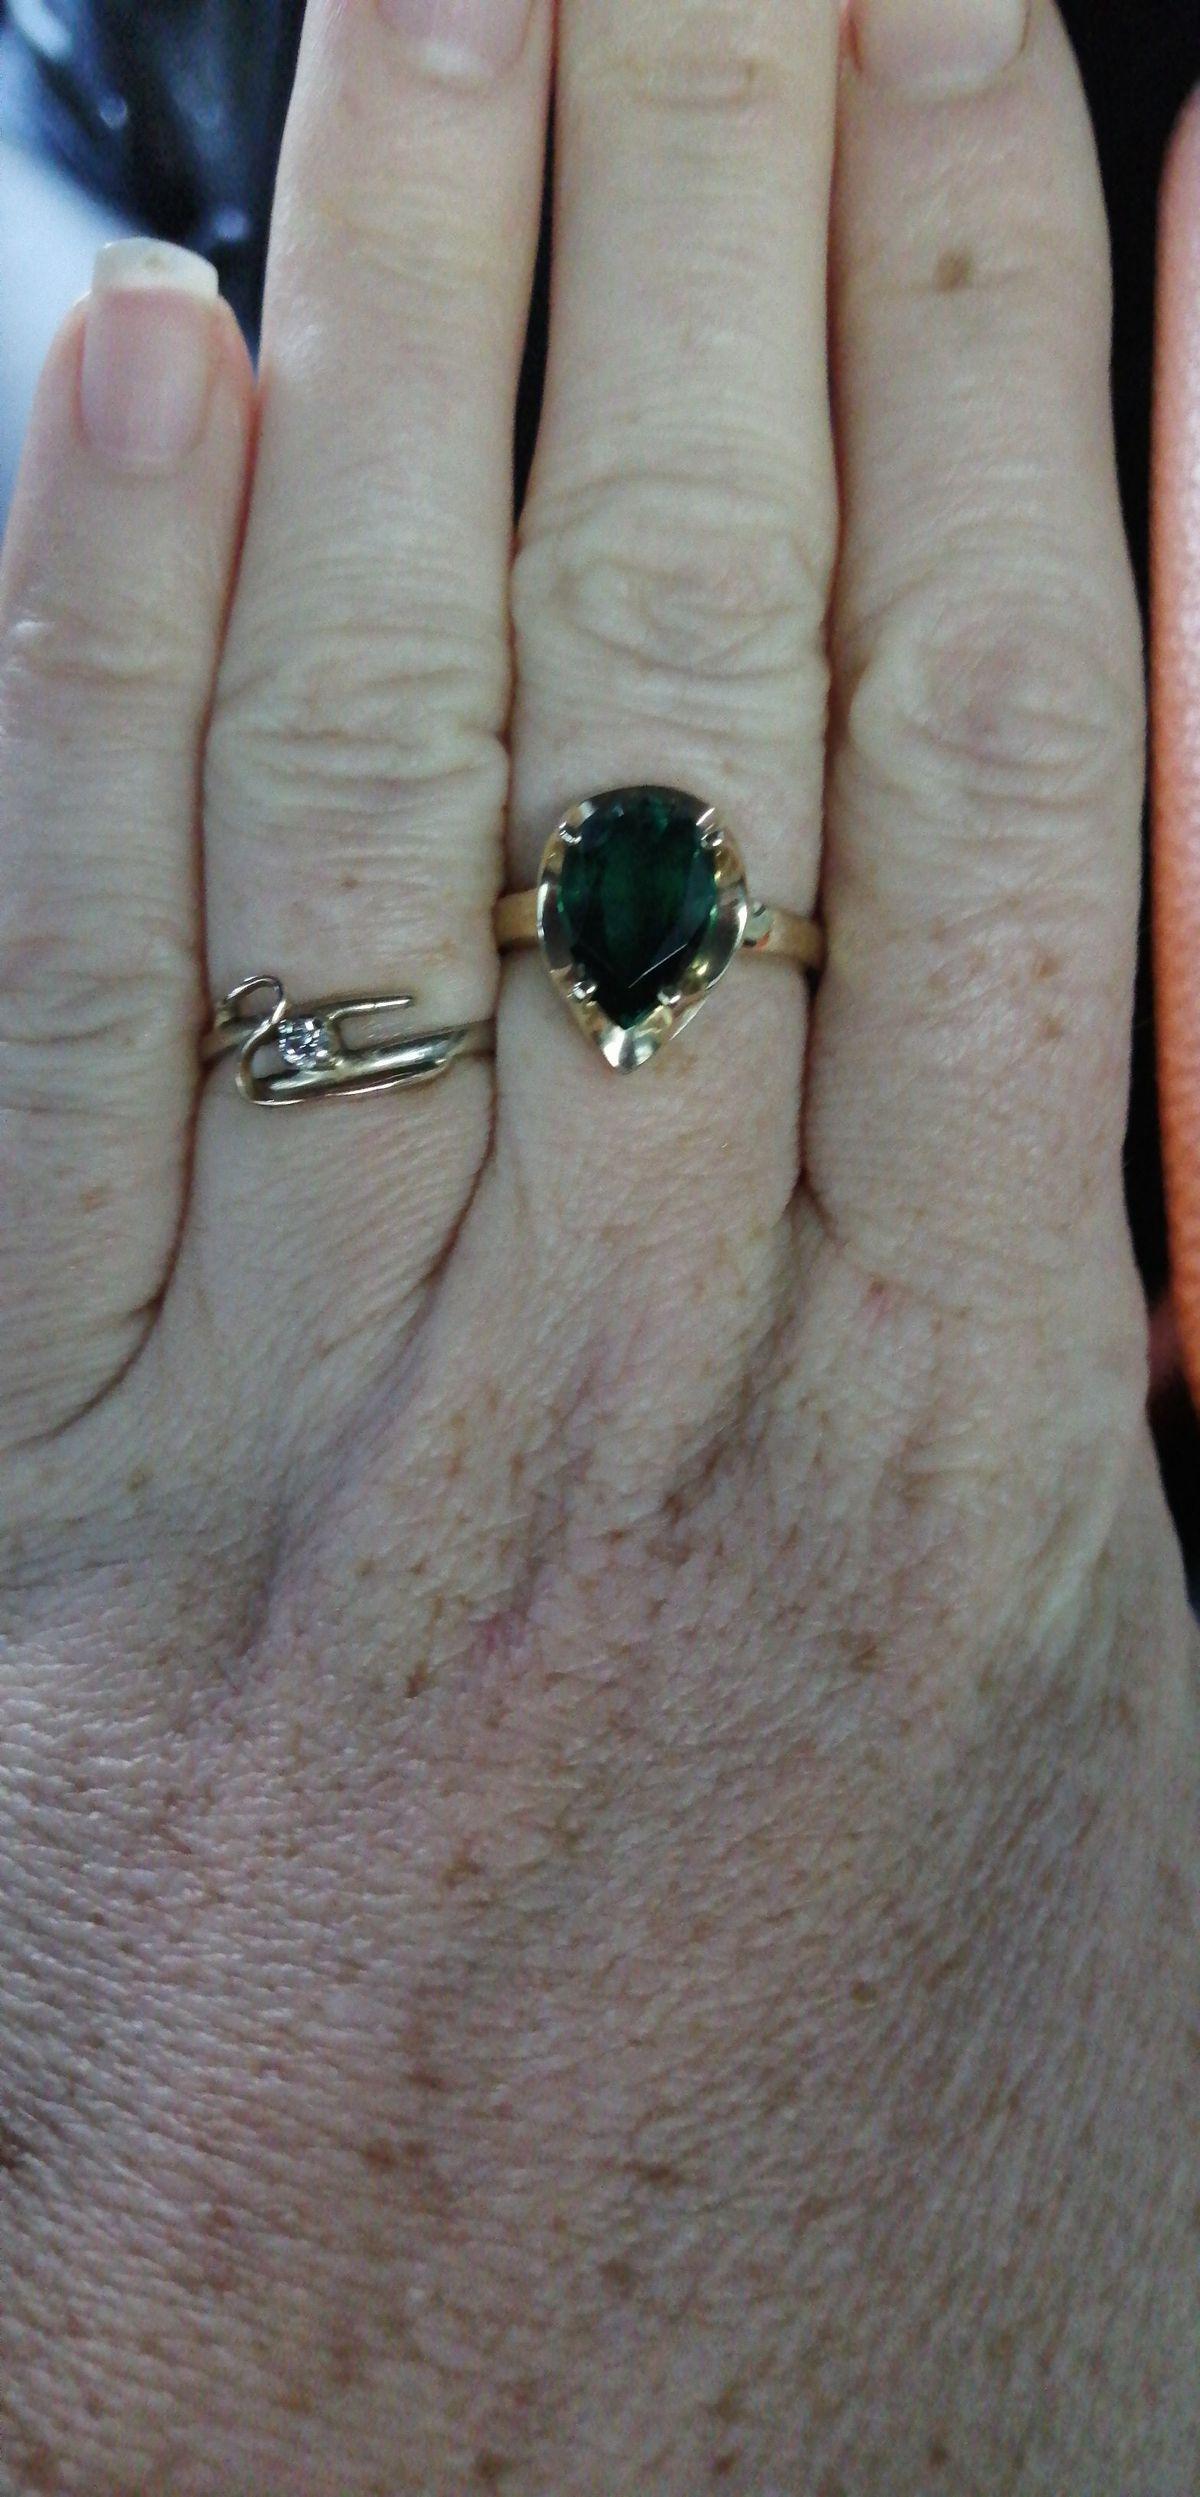 Рекомендую кольцо с изумрудом